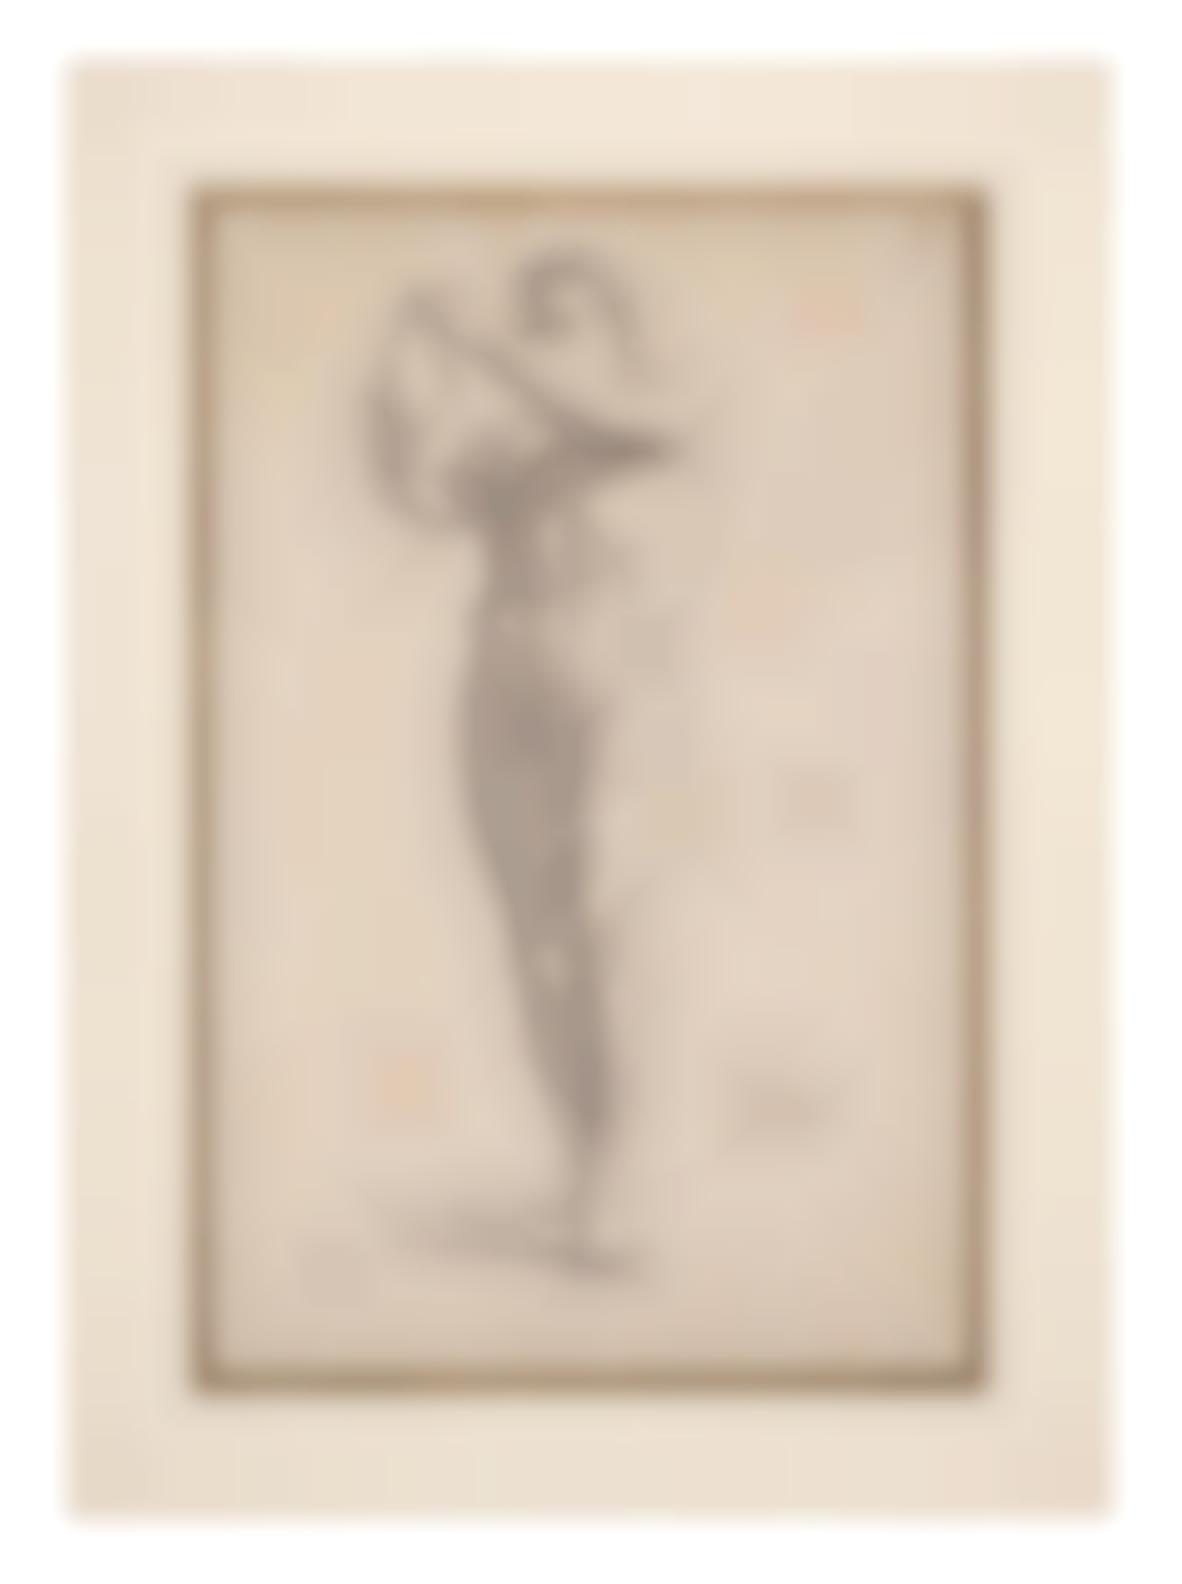 Edgar Degas-Le Discobole (Recto); Etude Pour Le Discobole (Verso)-1858